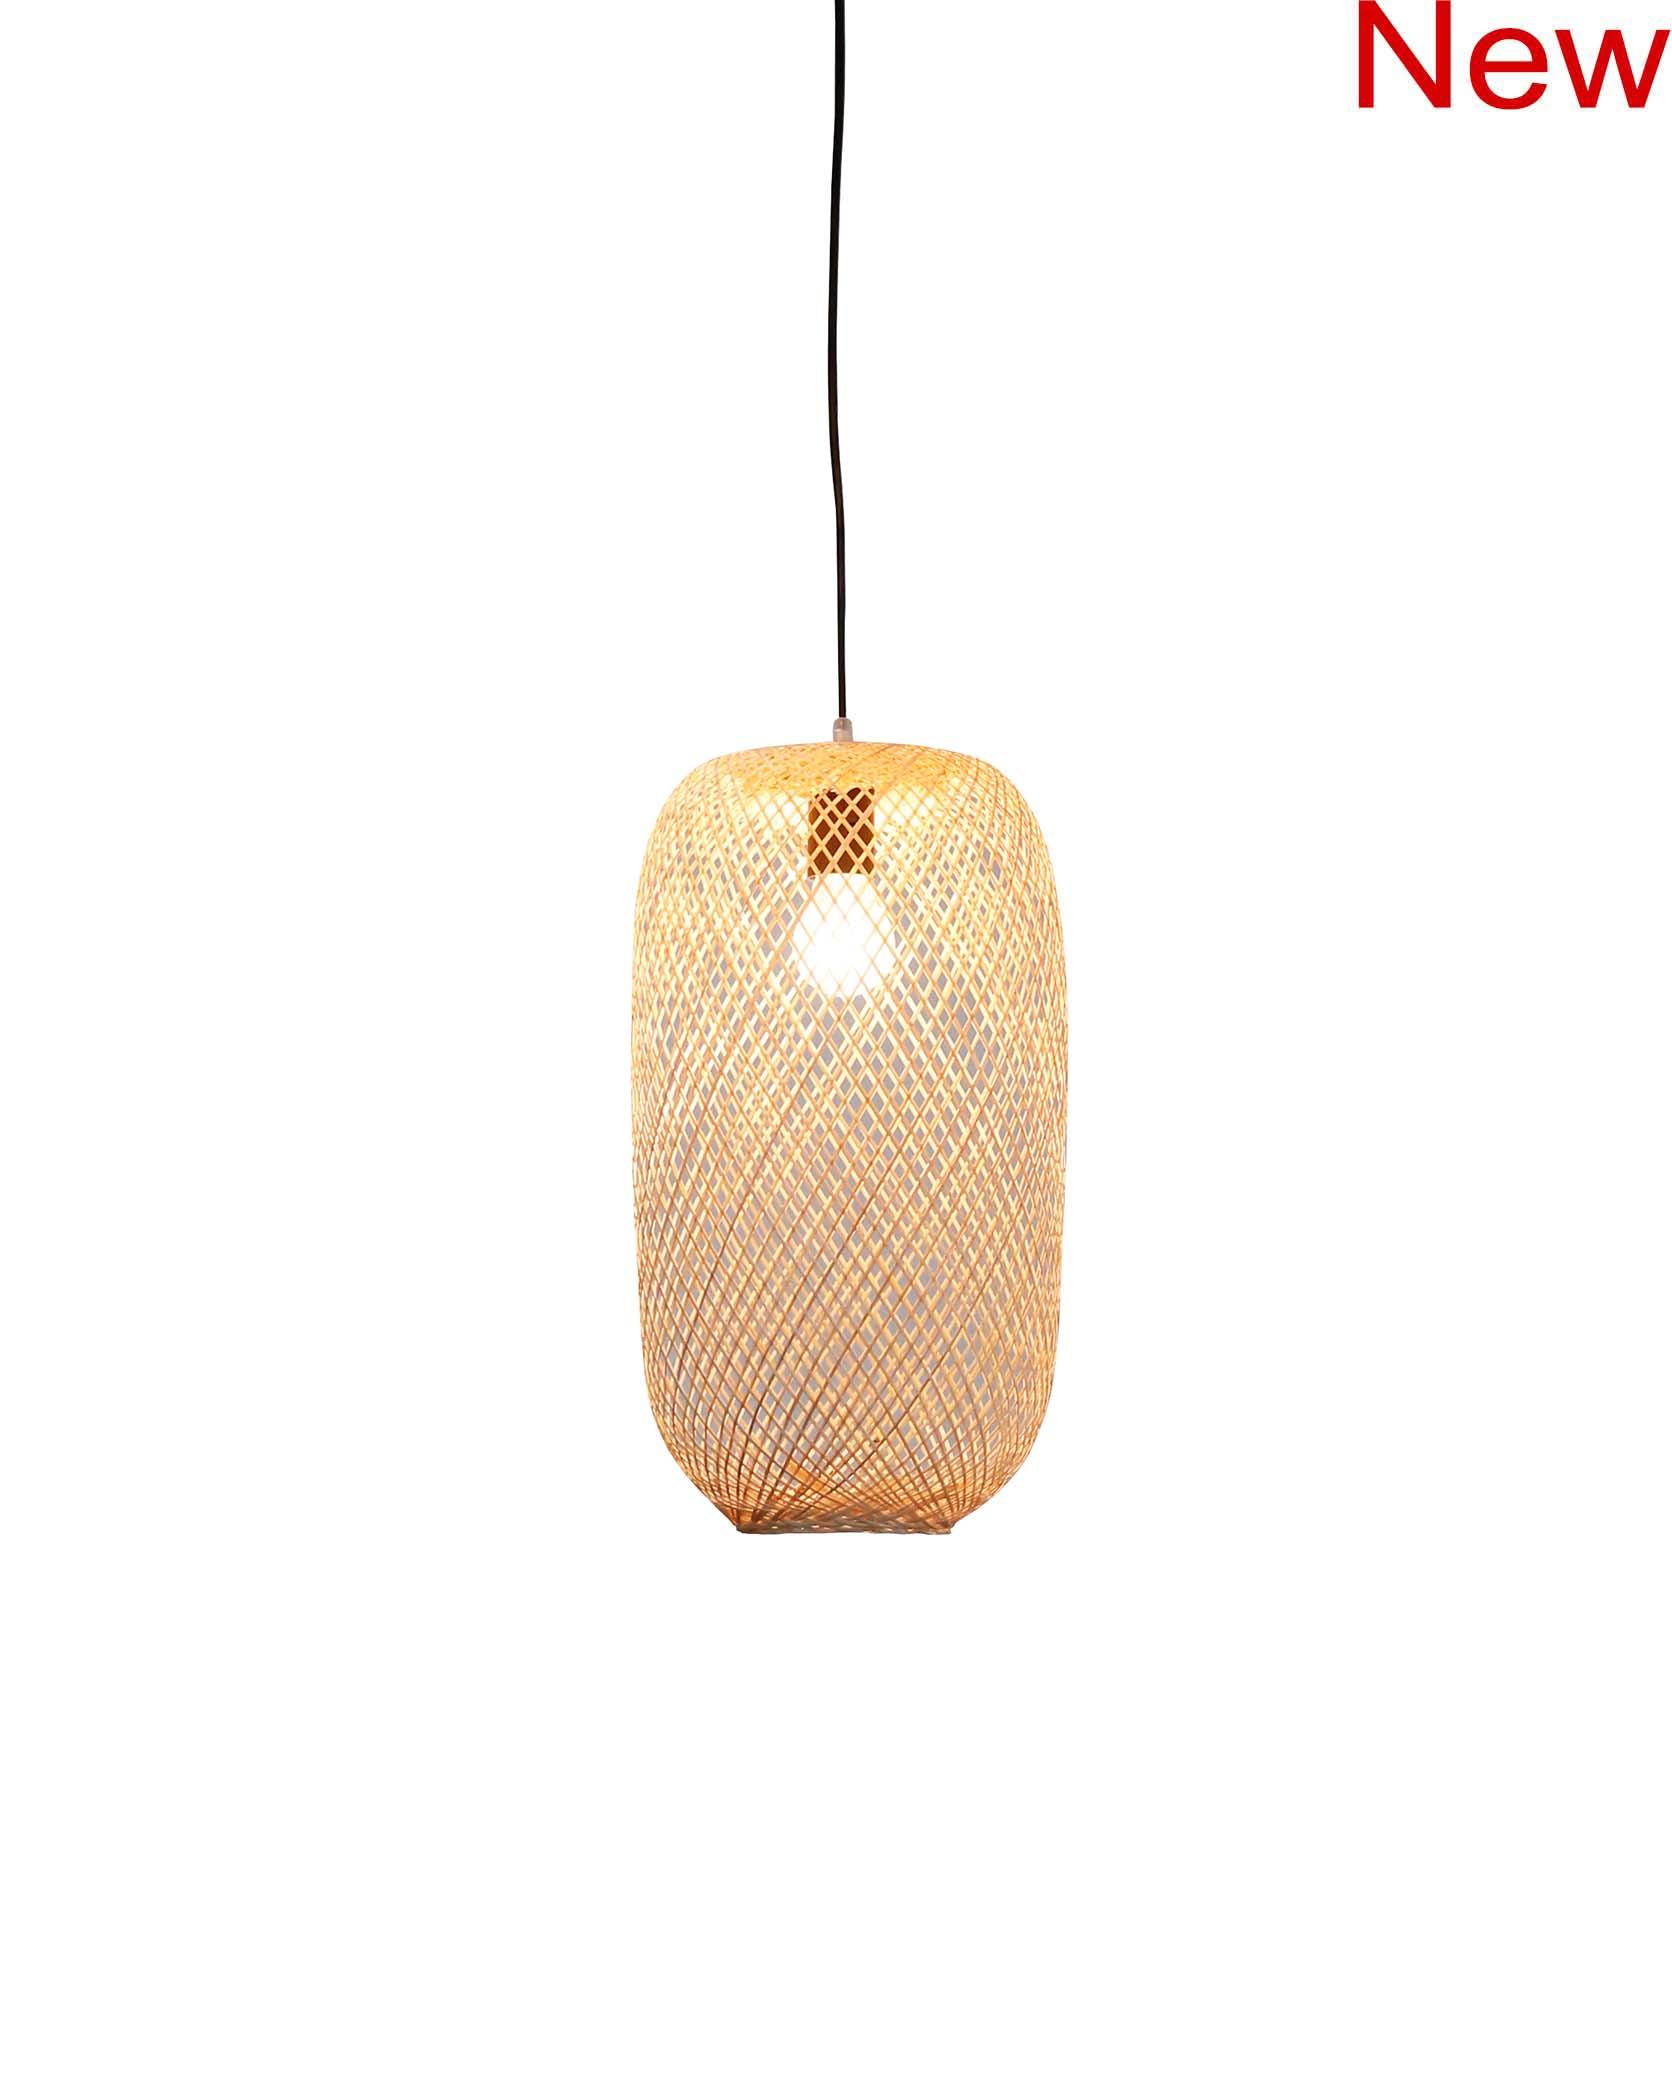 Bamboo Nest pendant product photo #2